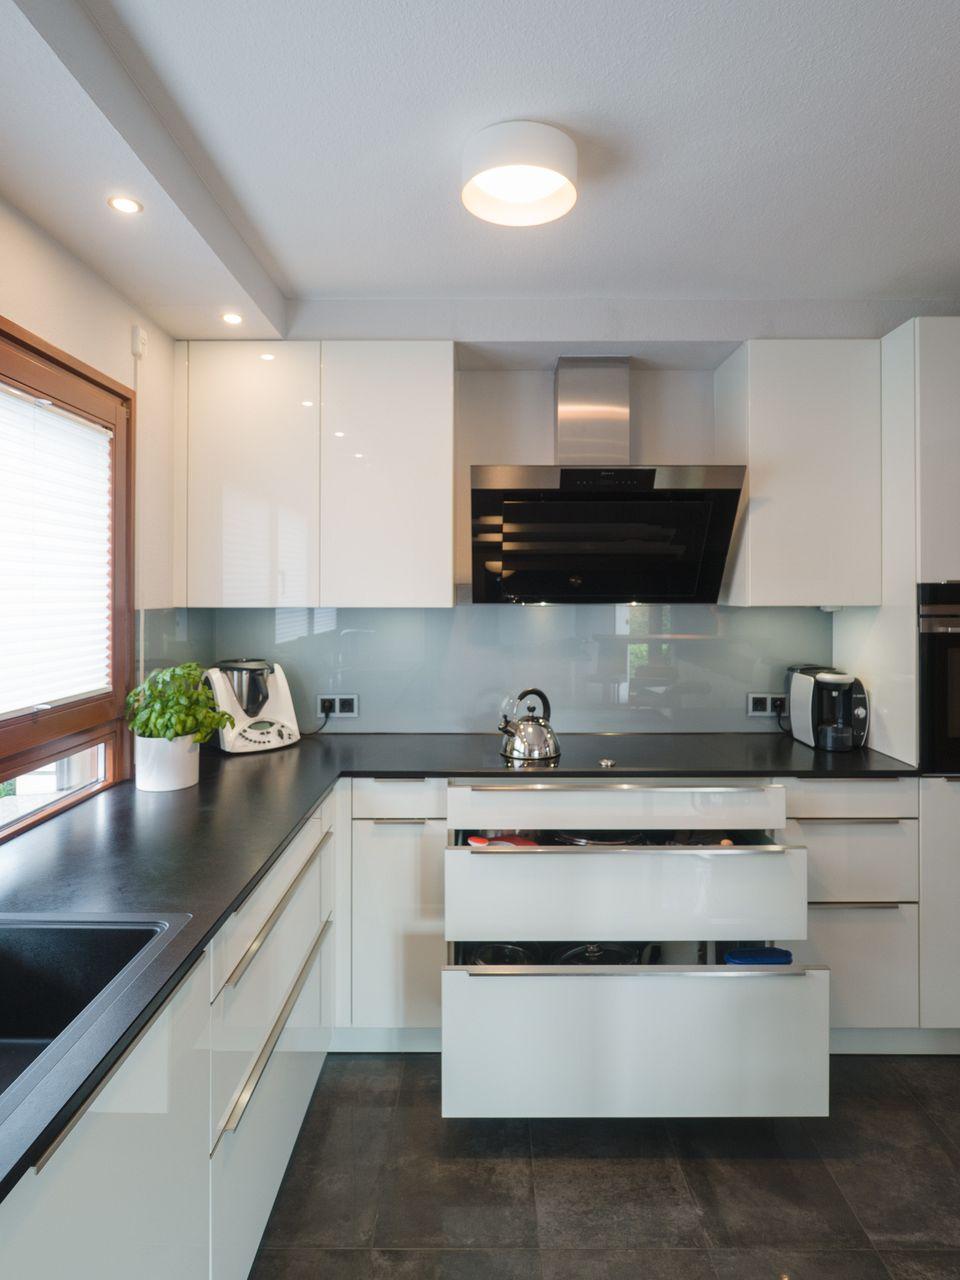 Full Size of Hochglanz Küche Zerkratzt Hochglanz Küche Weiß Putzen Weiße Hochglanz Küche Welche Wandfarbe Hochglanz Küche Pflegeleicht Küche Hochglanz Küche